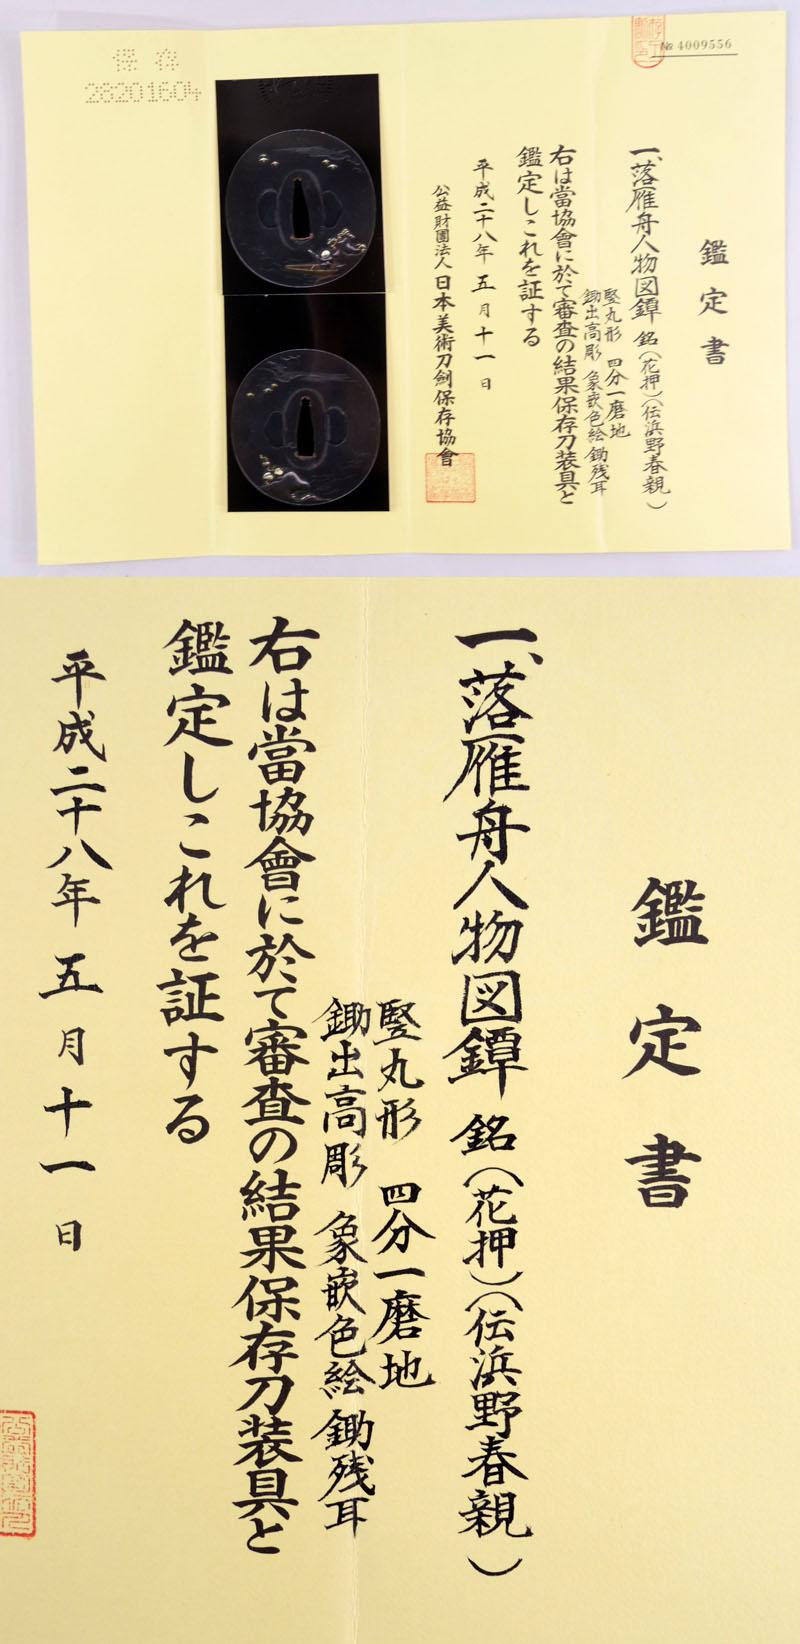 落雁舟人物図鍔(花押)(伝浜野春親) Picture of Certificate